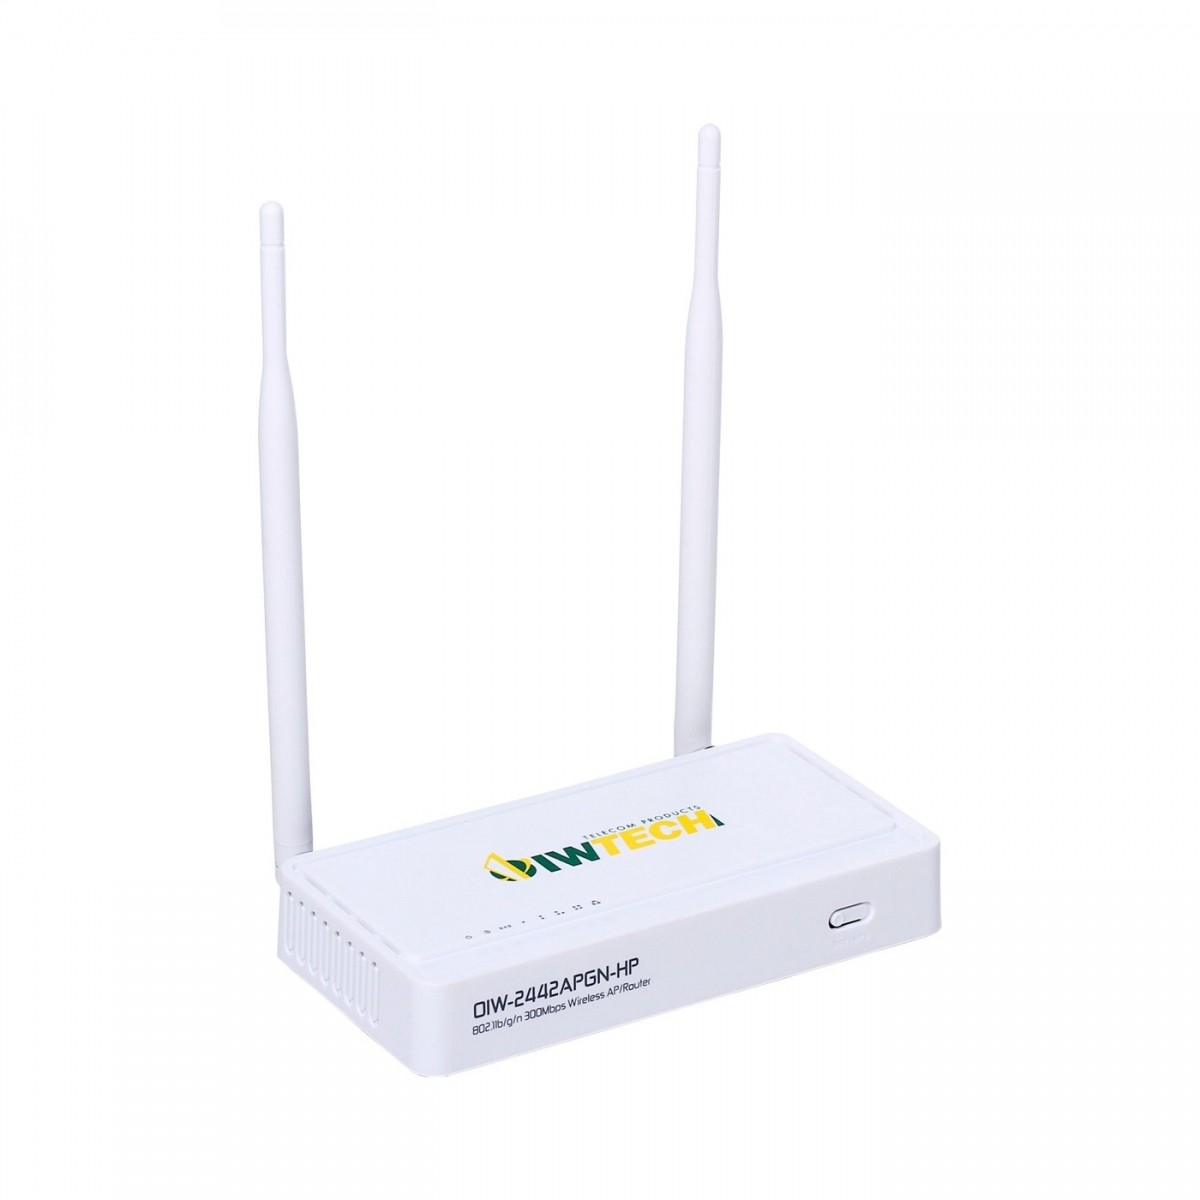 Roteador 300Mbps OIW 2442APGN HP Wi-fi com 2 antenas